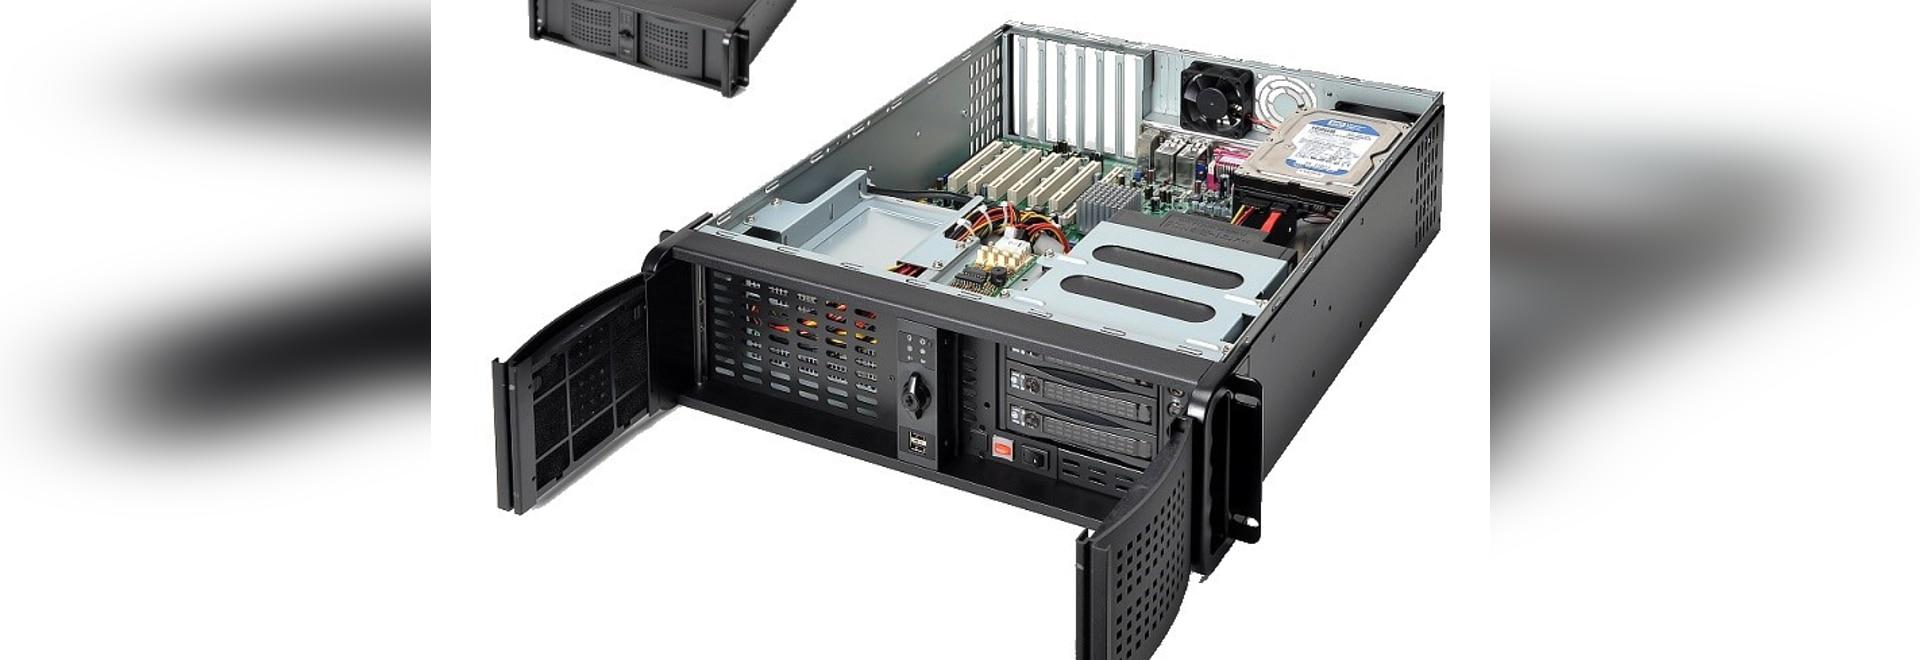 Chasis computacional del servidor de la nube de AICSYS Inc. 3U IoT para la placa madre de ATX y 10 bahías de impulsión